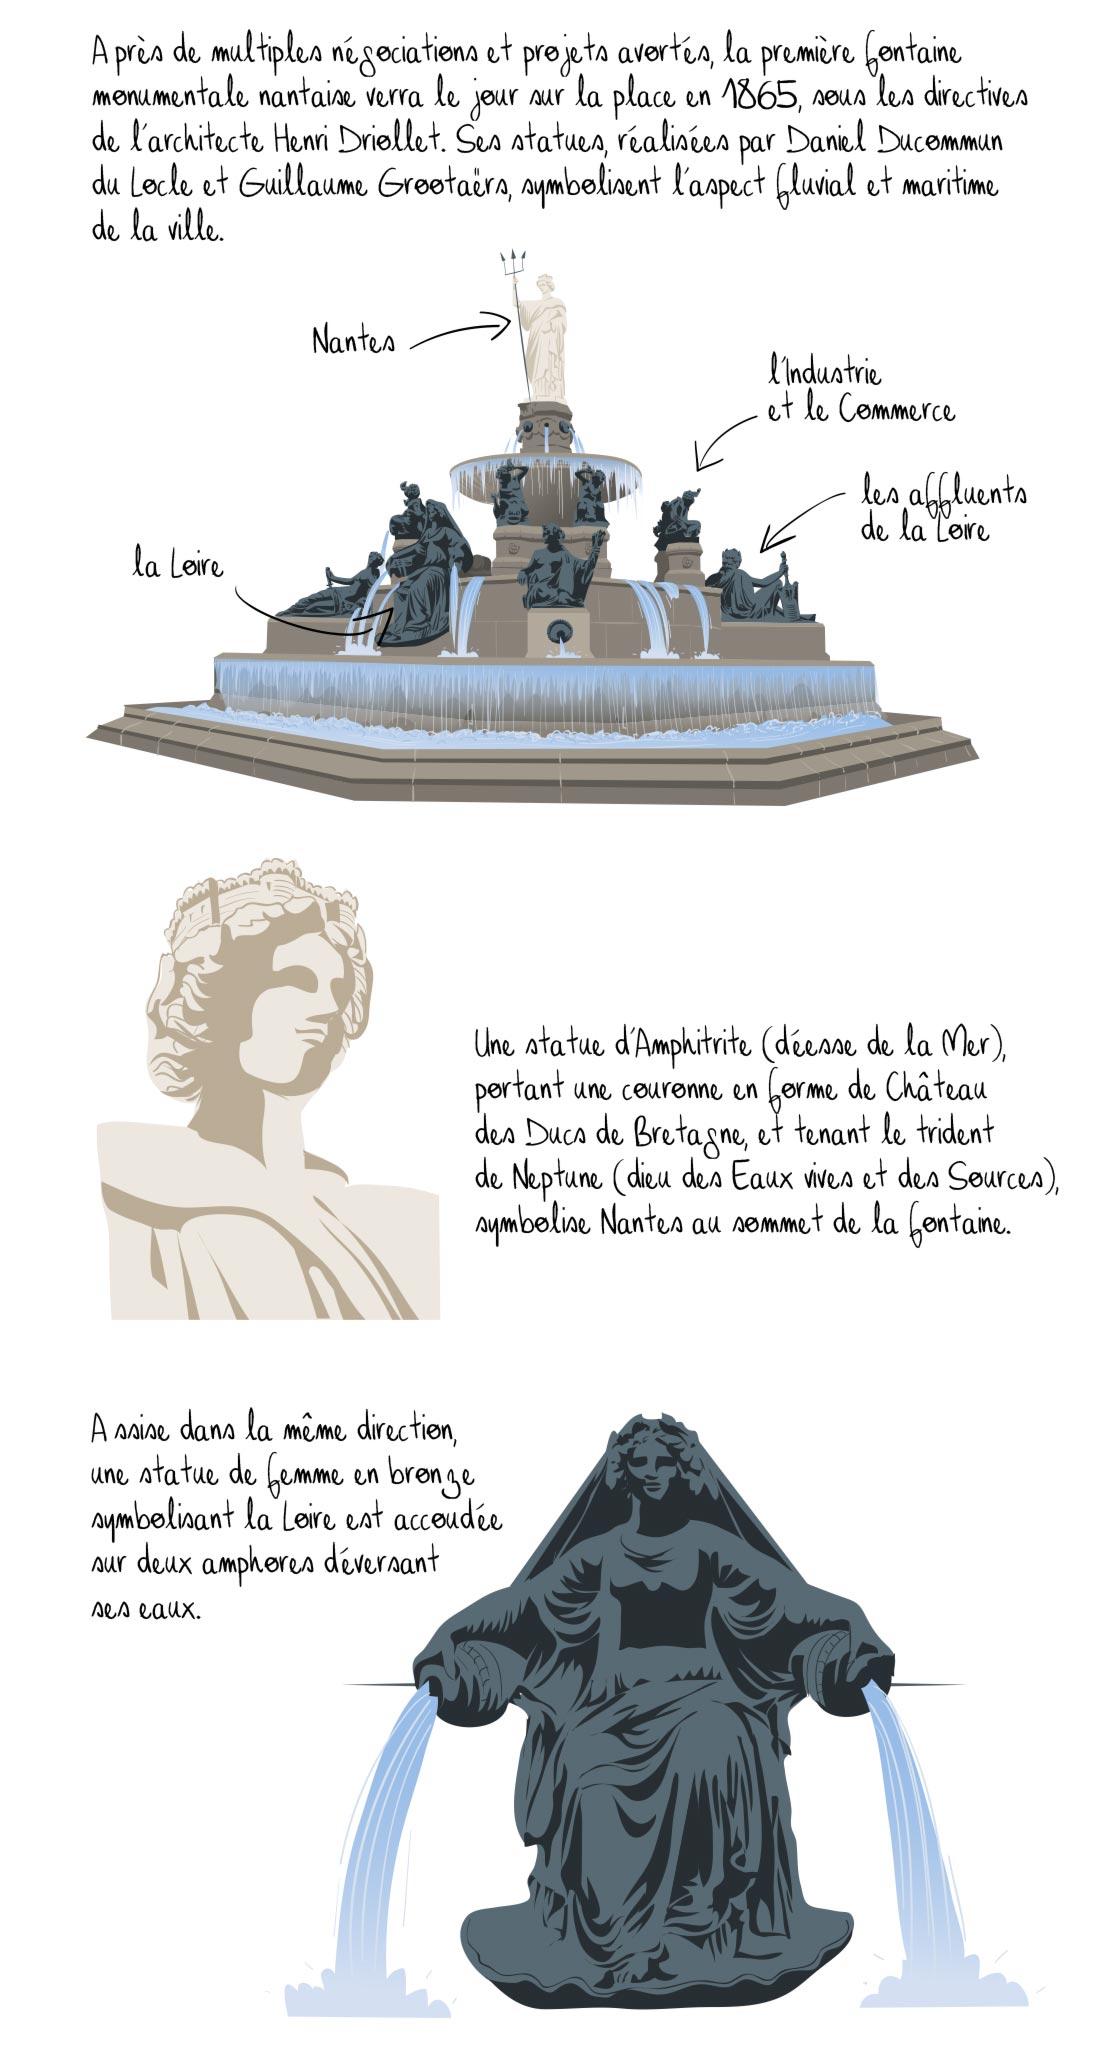 Histoire de la place Royale, Nantes, partie 2